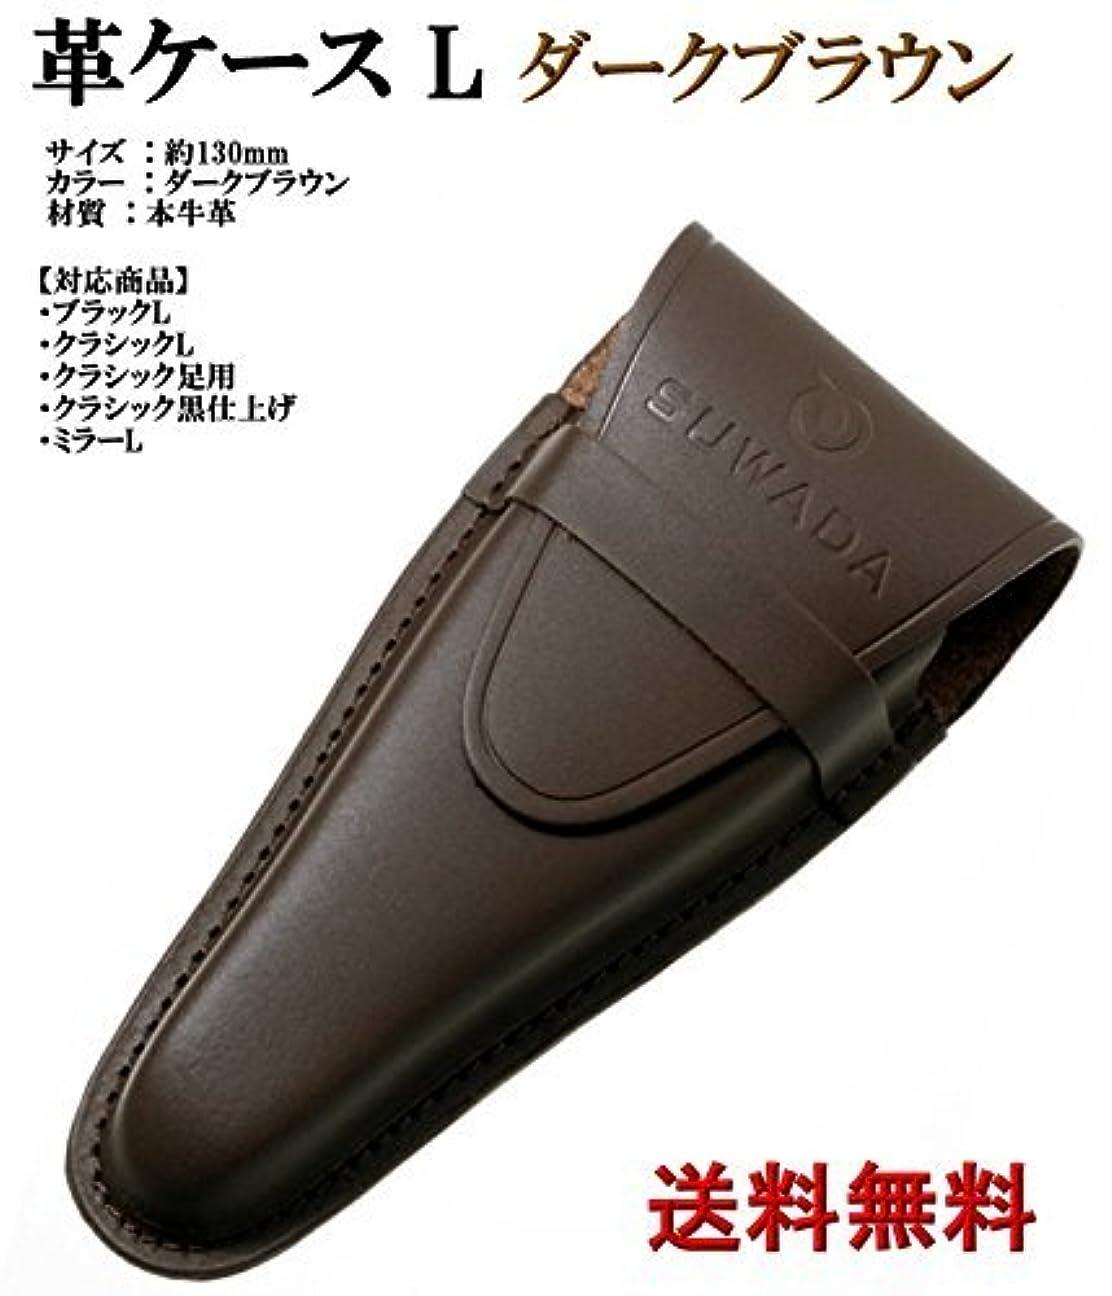 特異なタックしつけSUWADA 爪きり用本革ケースL